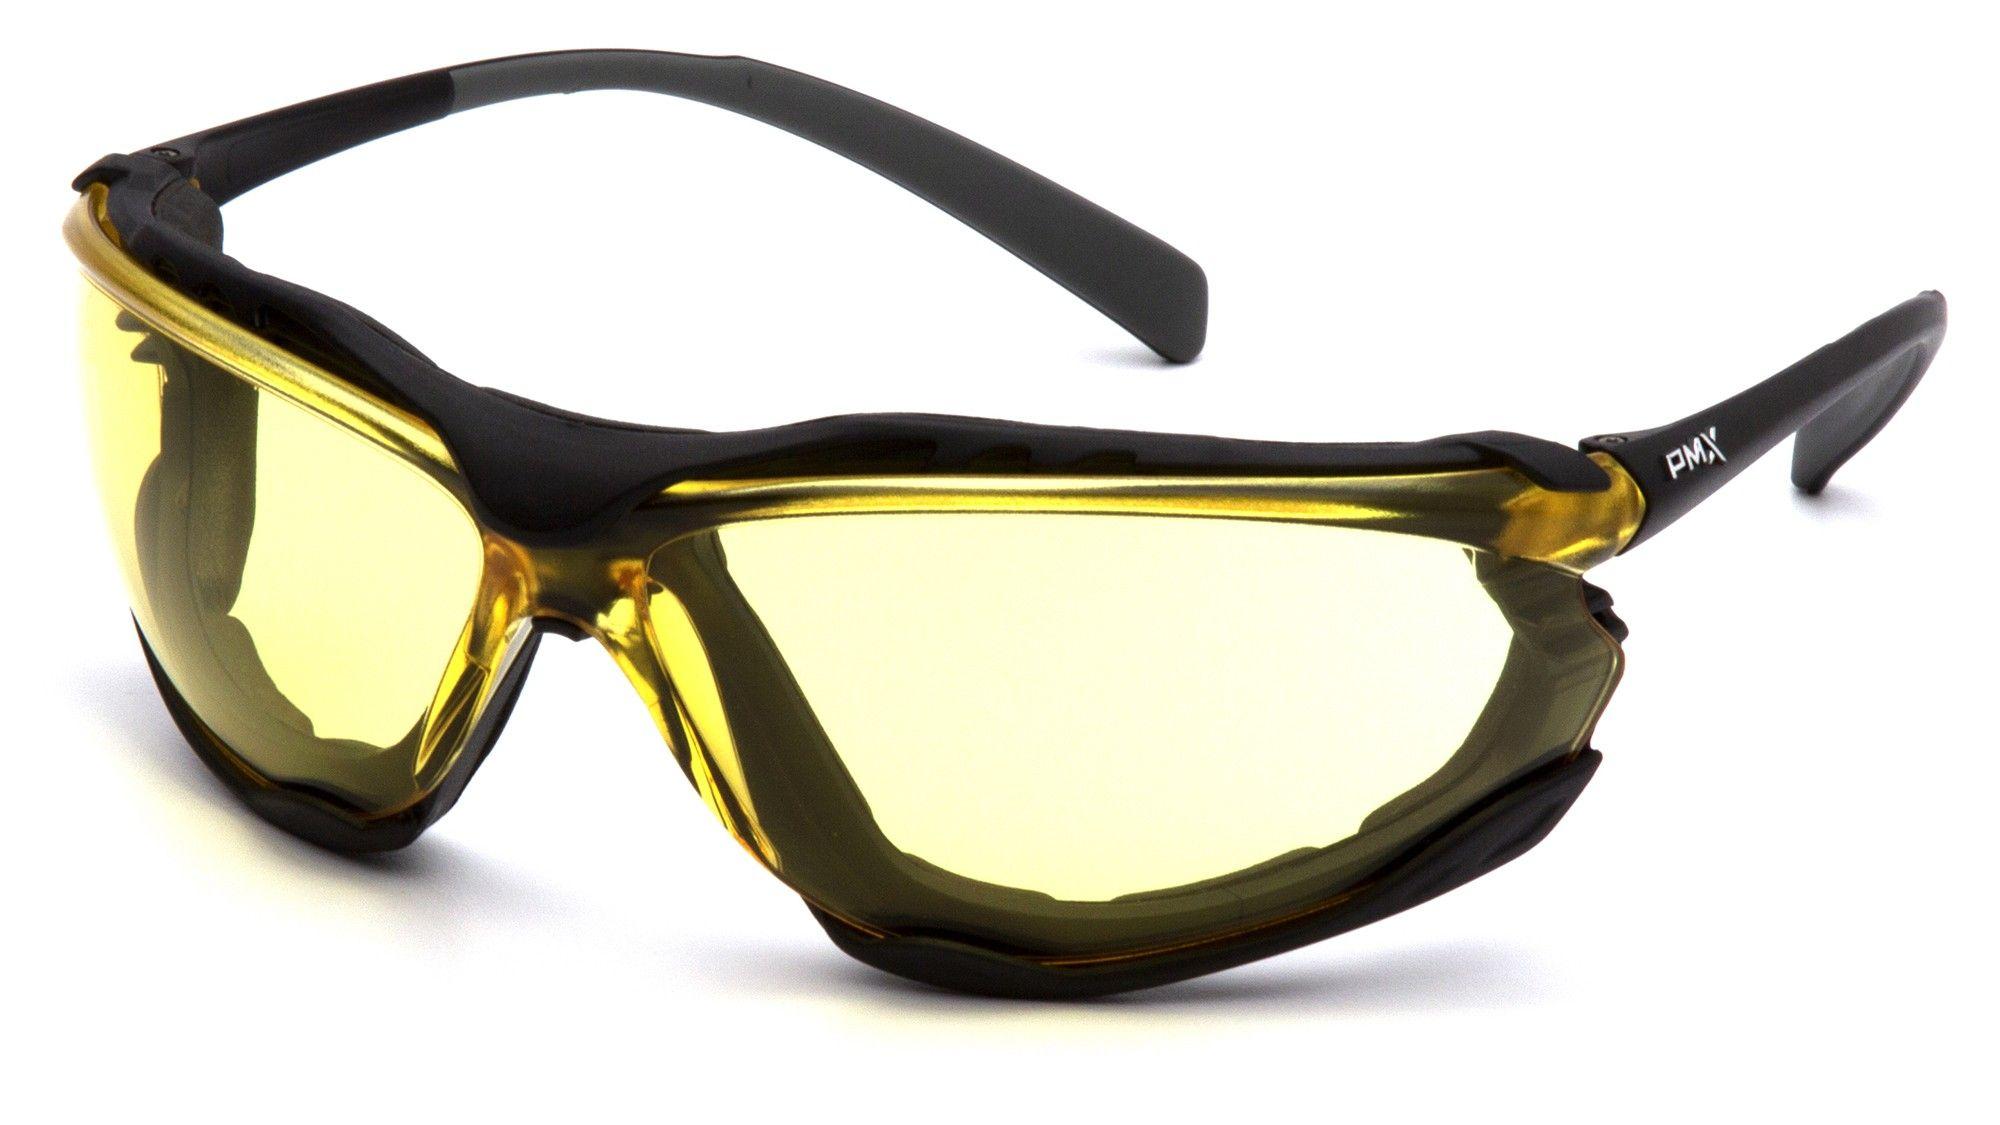 Pyramex SB9330ST Proximity Safety Glasses Black Frame